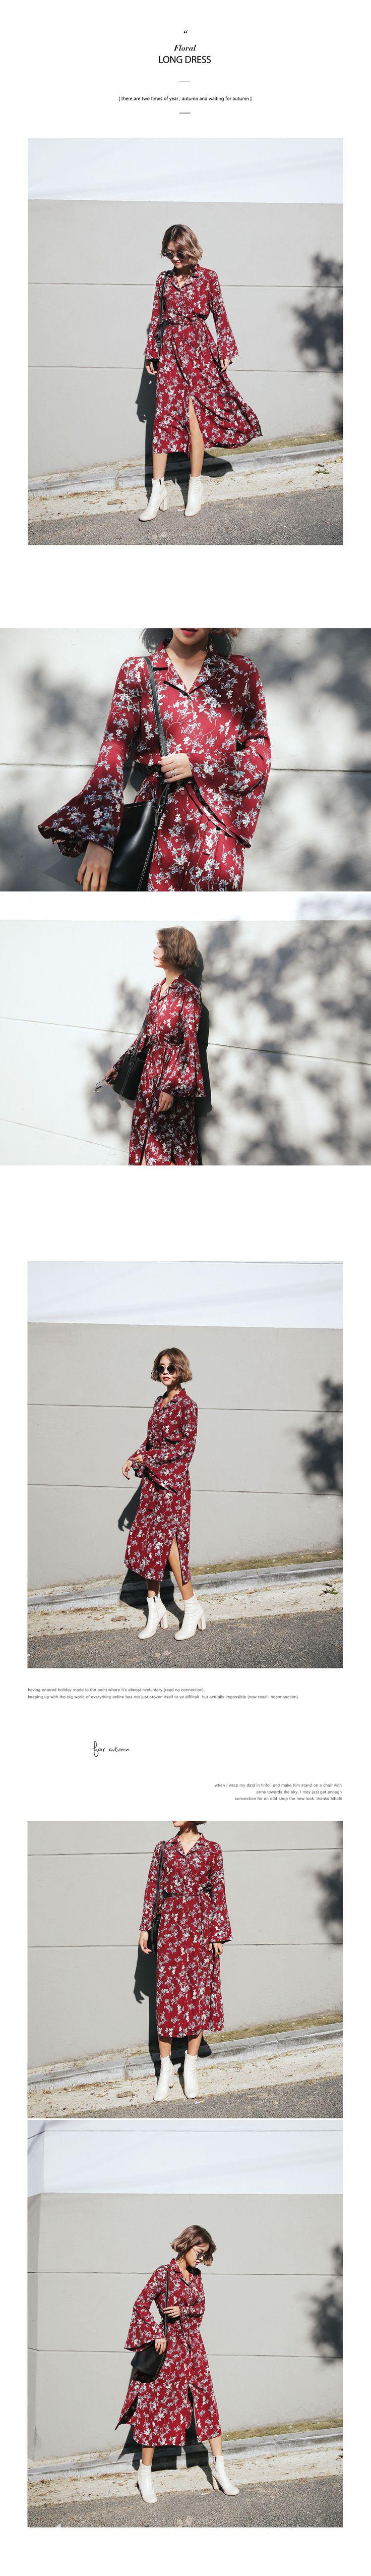 ストラップSETベルスリーブ小花柄ワンピース・全3色ドレス・ワンピドレス・ワンピ|レディースファッション通販 DHOLICディーホリック [ファストファッション 水着 ワンピース]